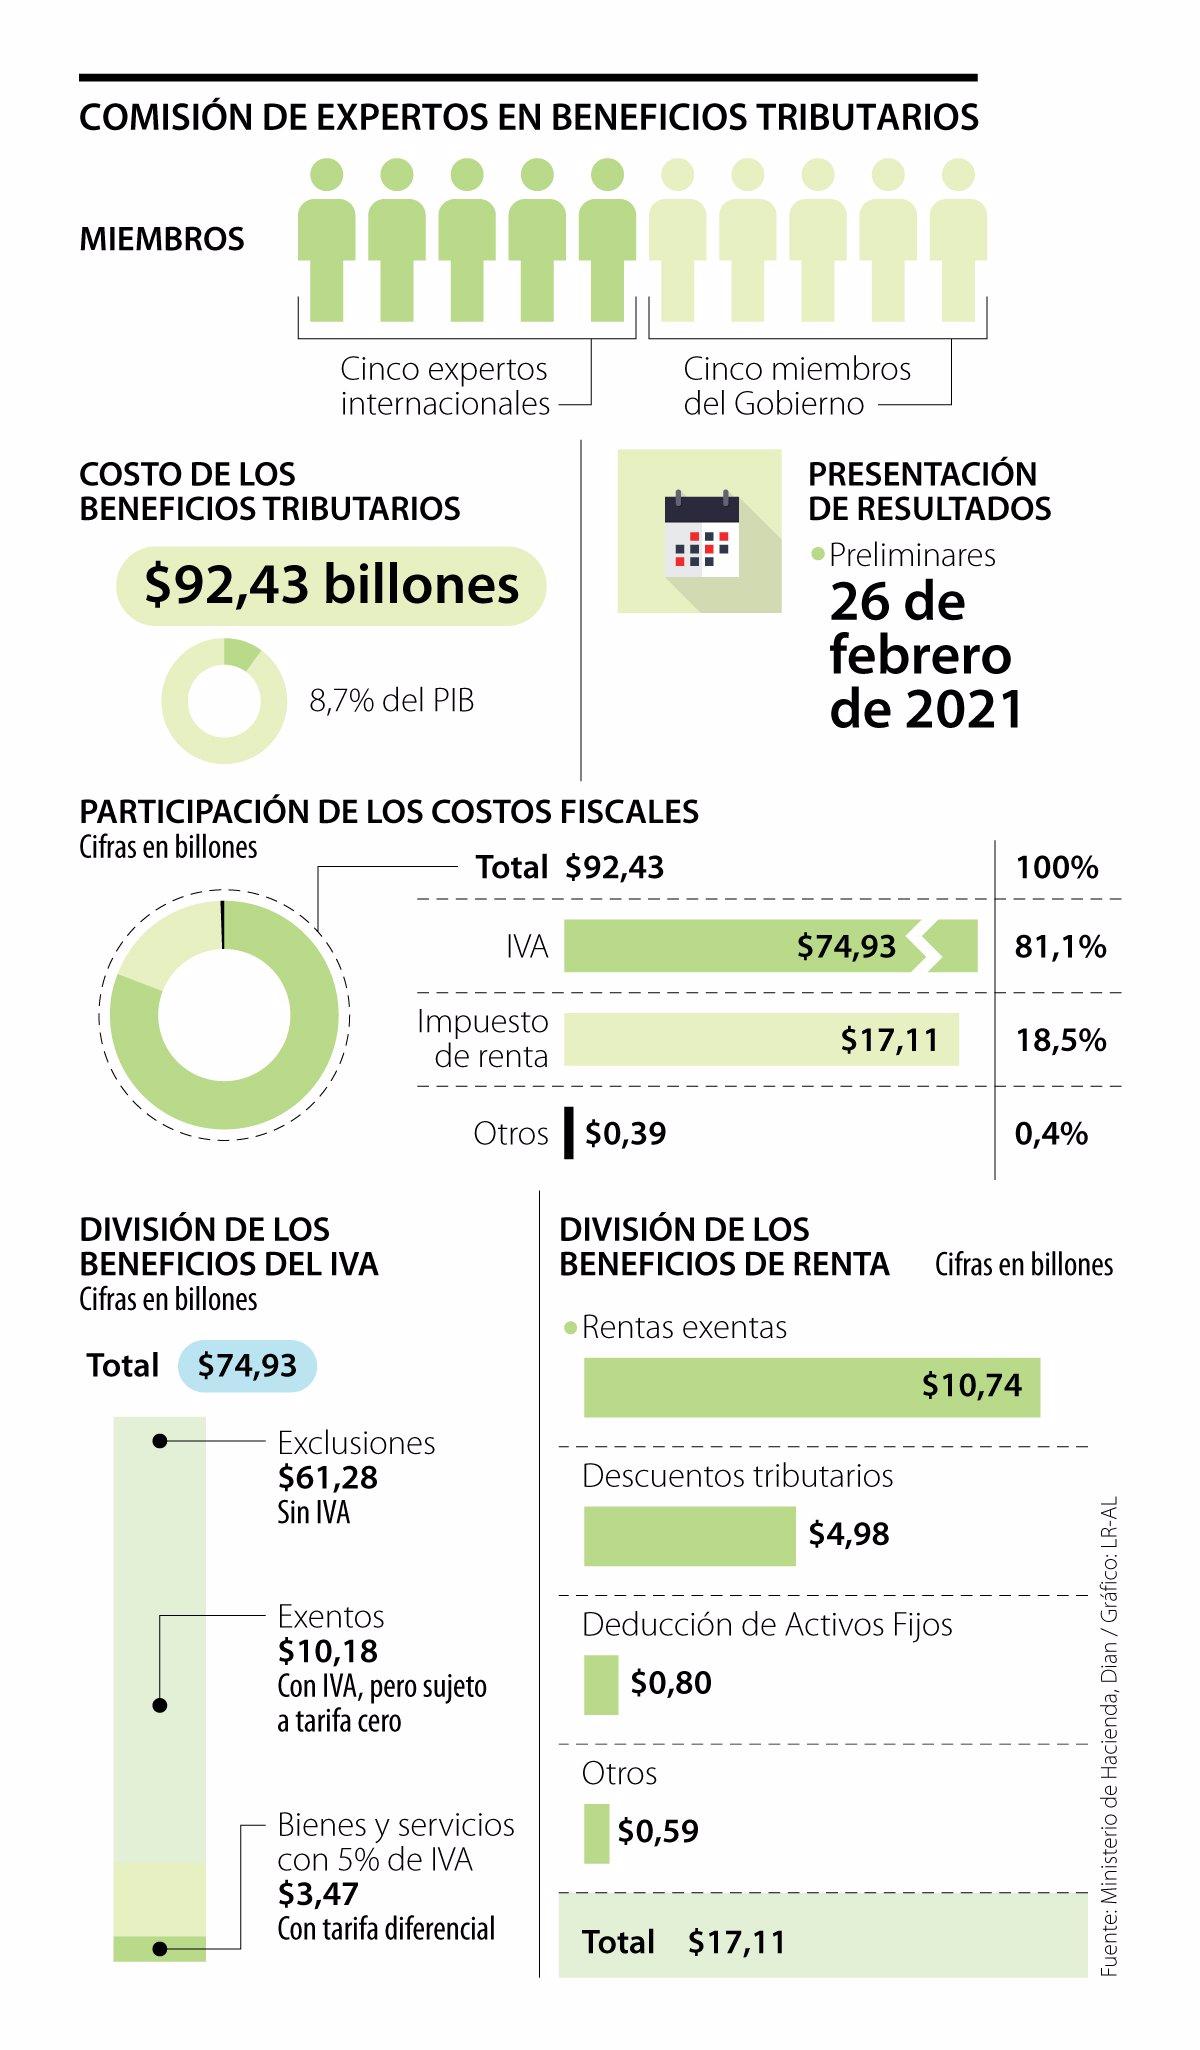 Beneficios tributarios en Colombia